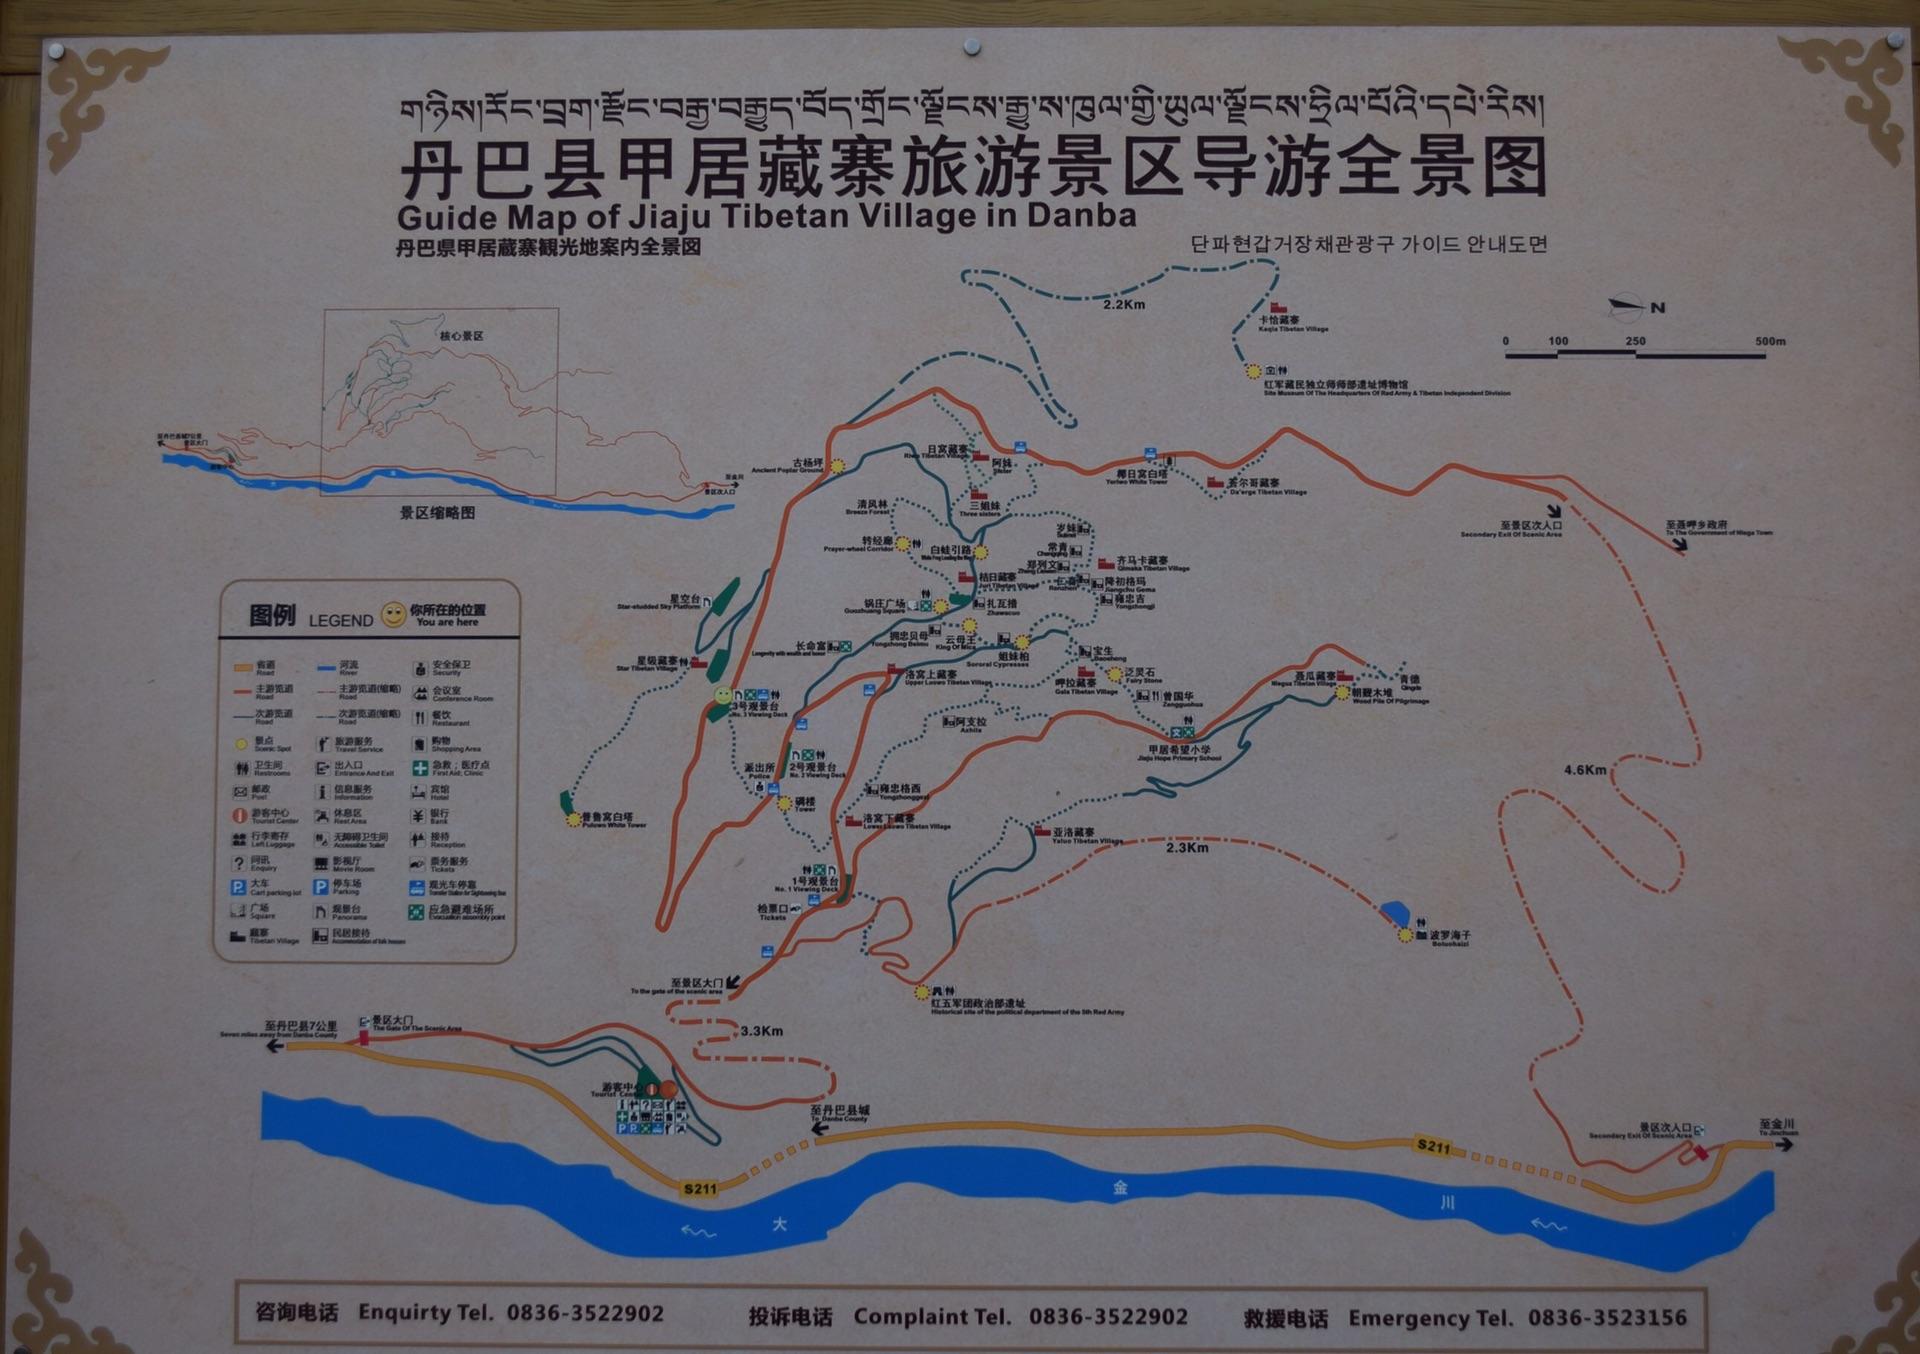 SiChuan Garzê DanBa JiaJu Tibetan Tribe